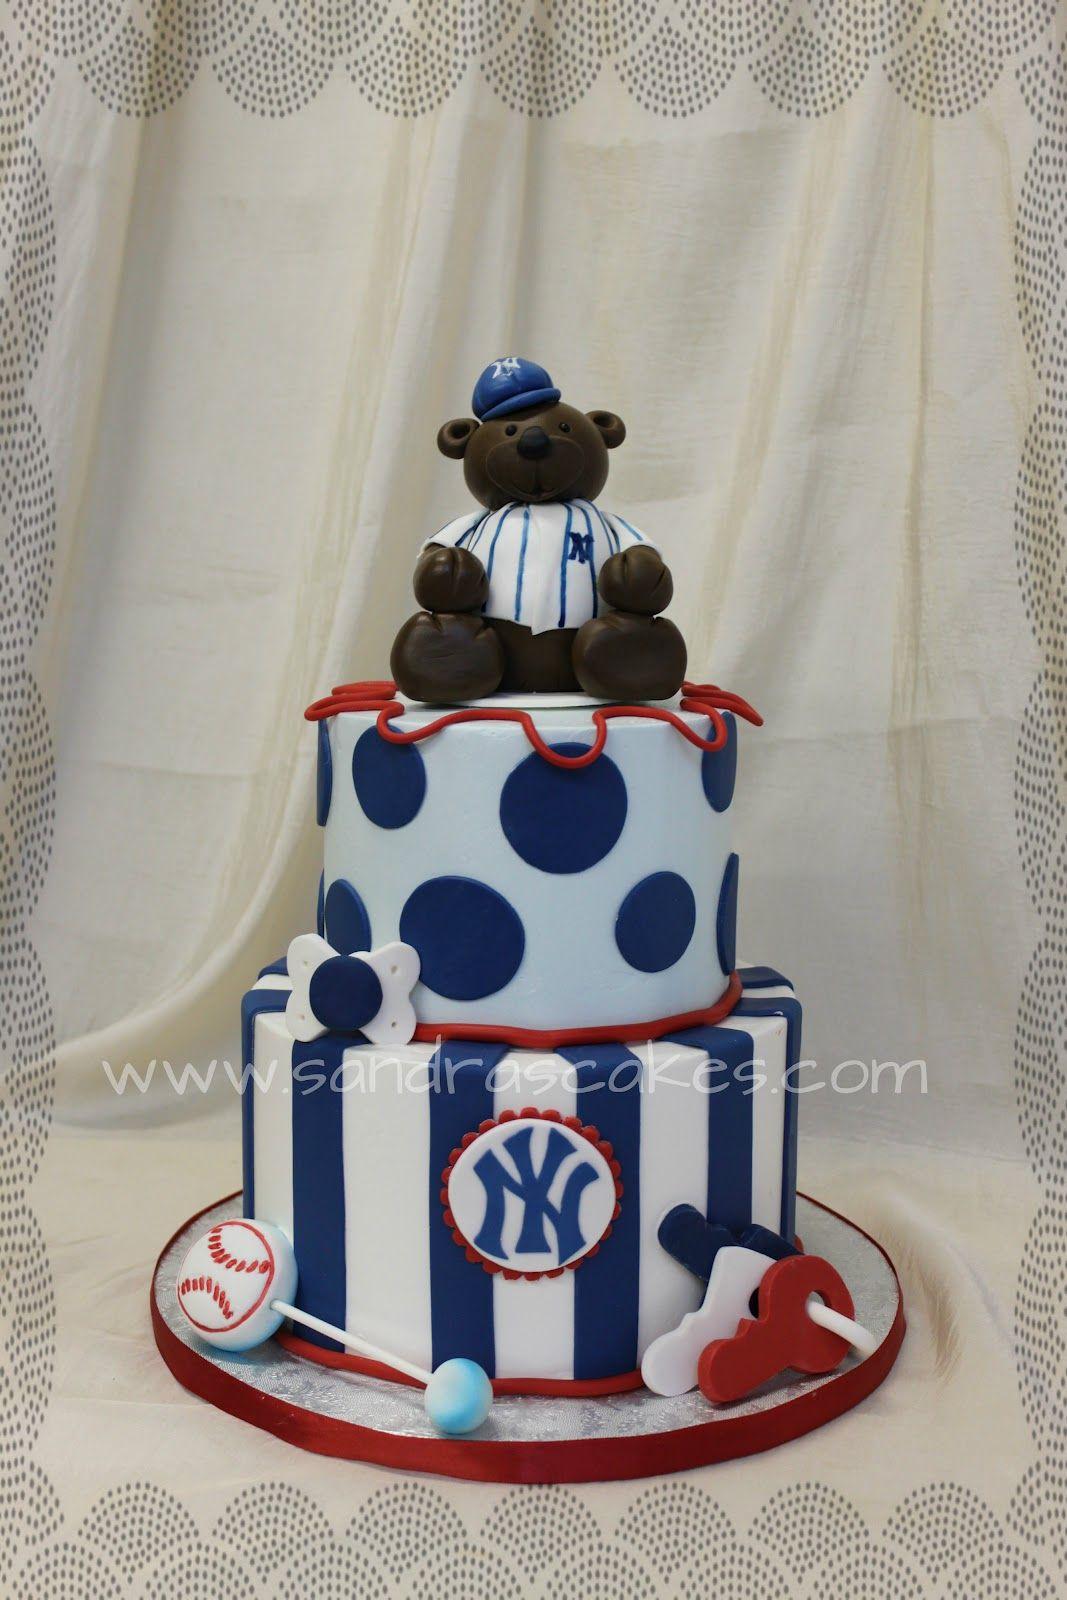 baseball baby shower cake Babyshower Pinterest Shower cakes